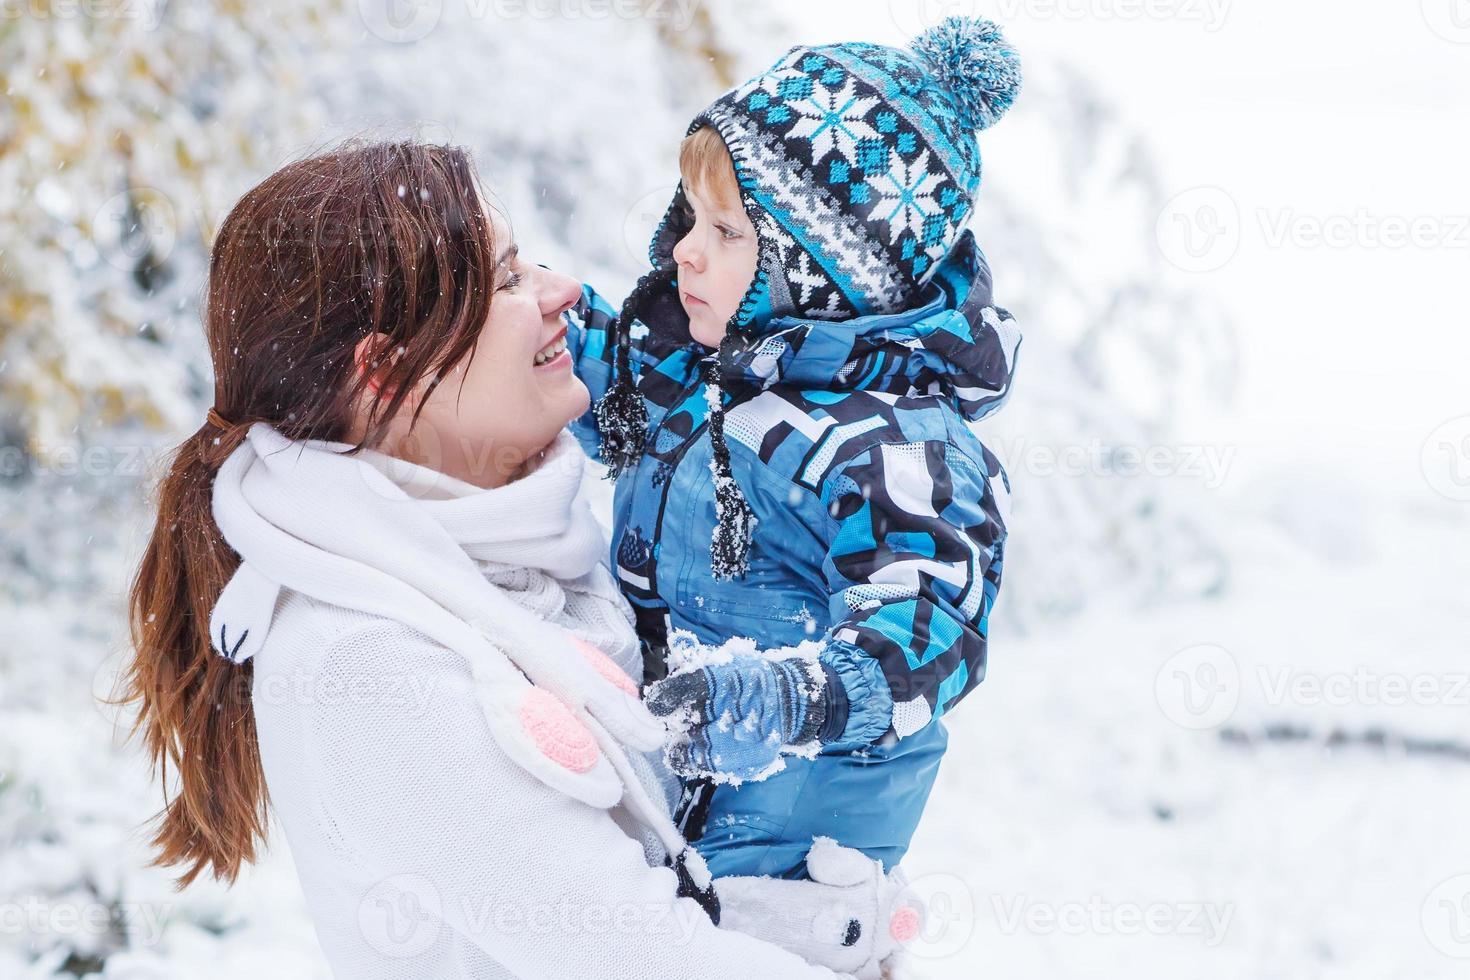 kleine preschool jongen en zijn moeder spelen met eerste sneeuw foto